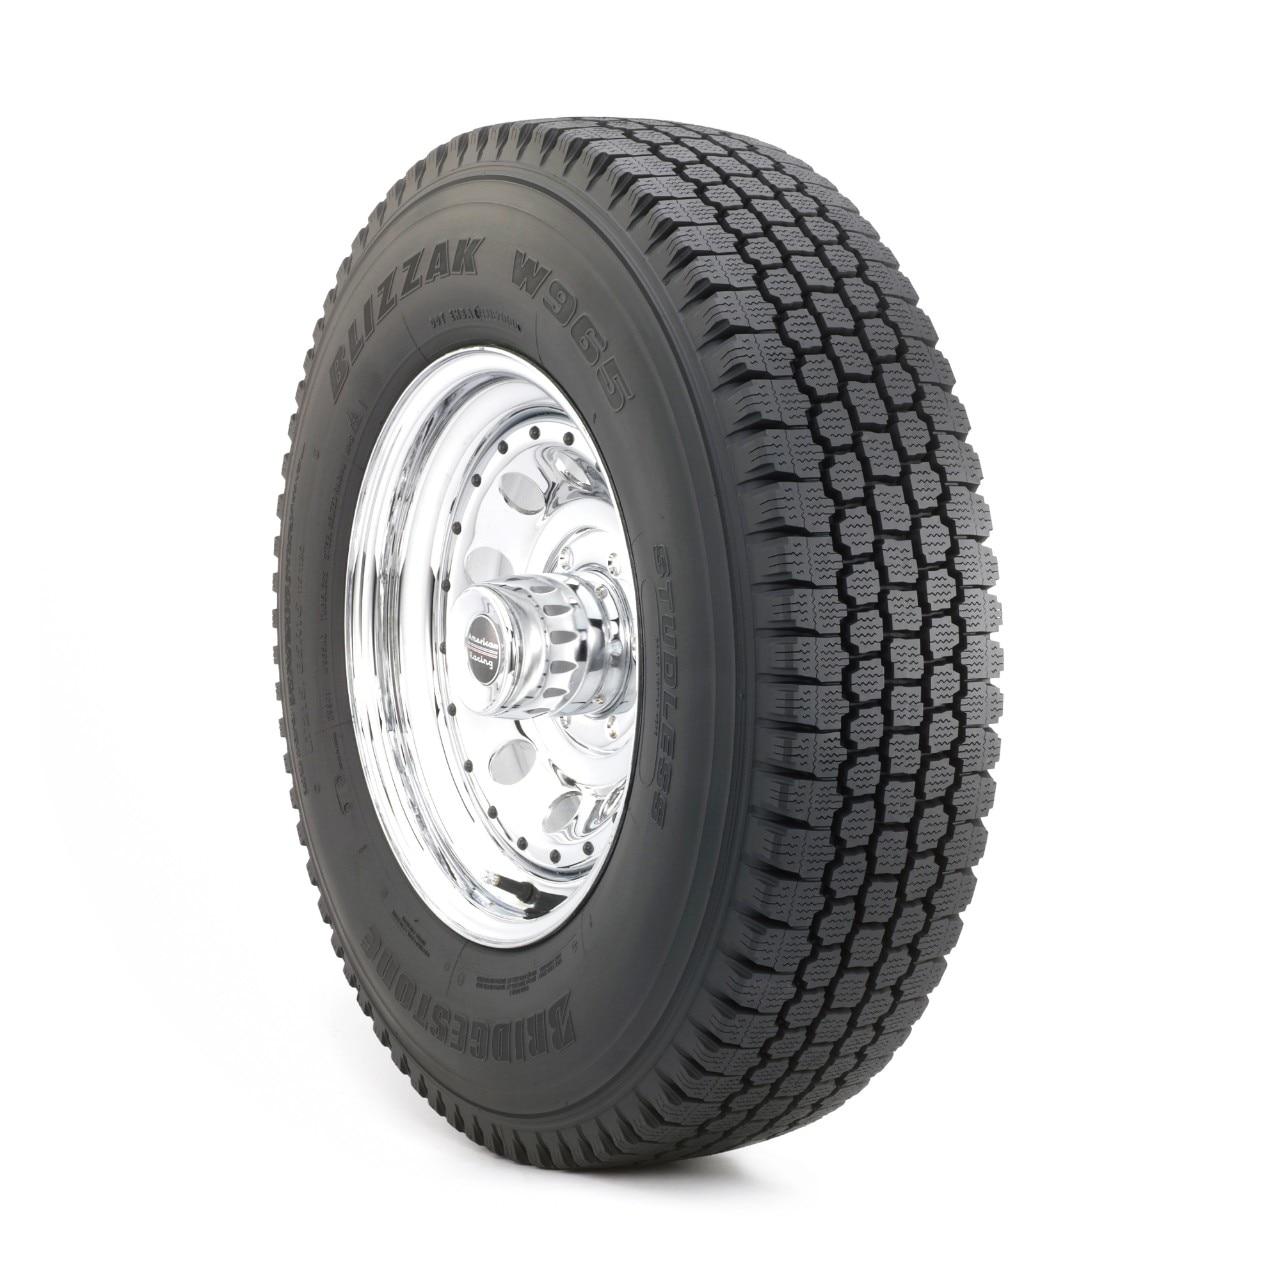 Bridgestone blizzak tire reviews - dce9